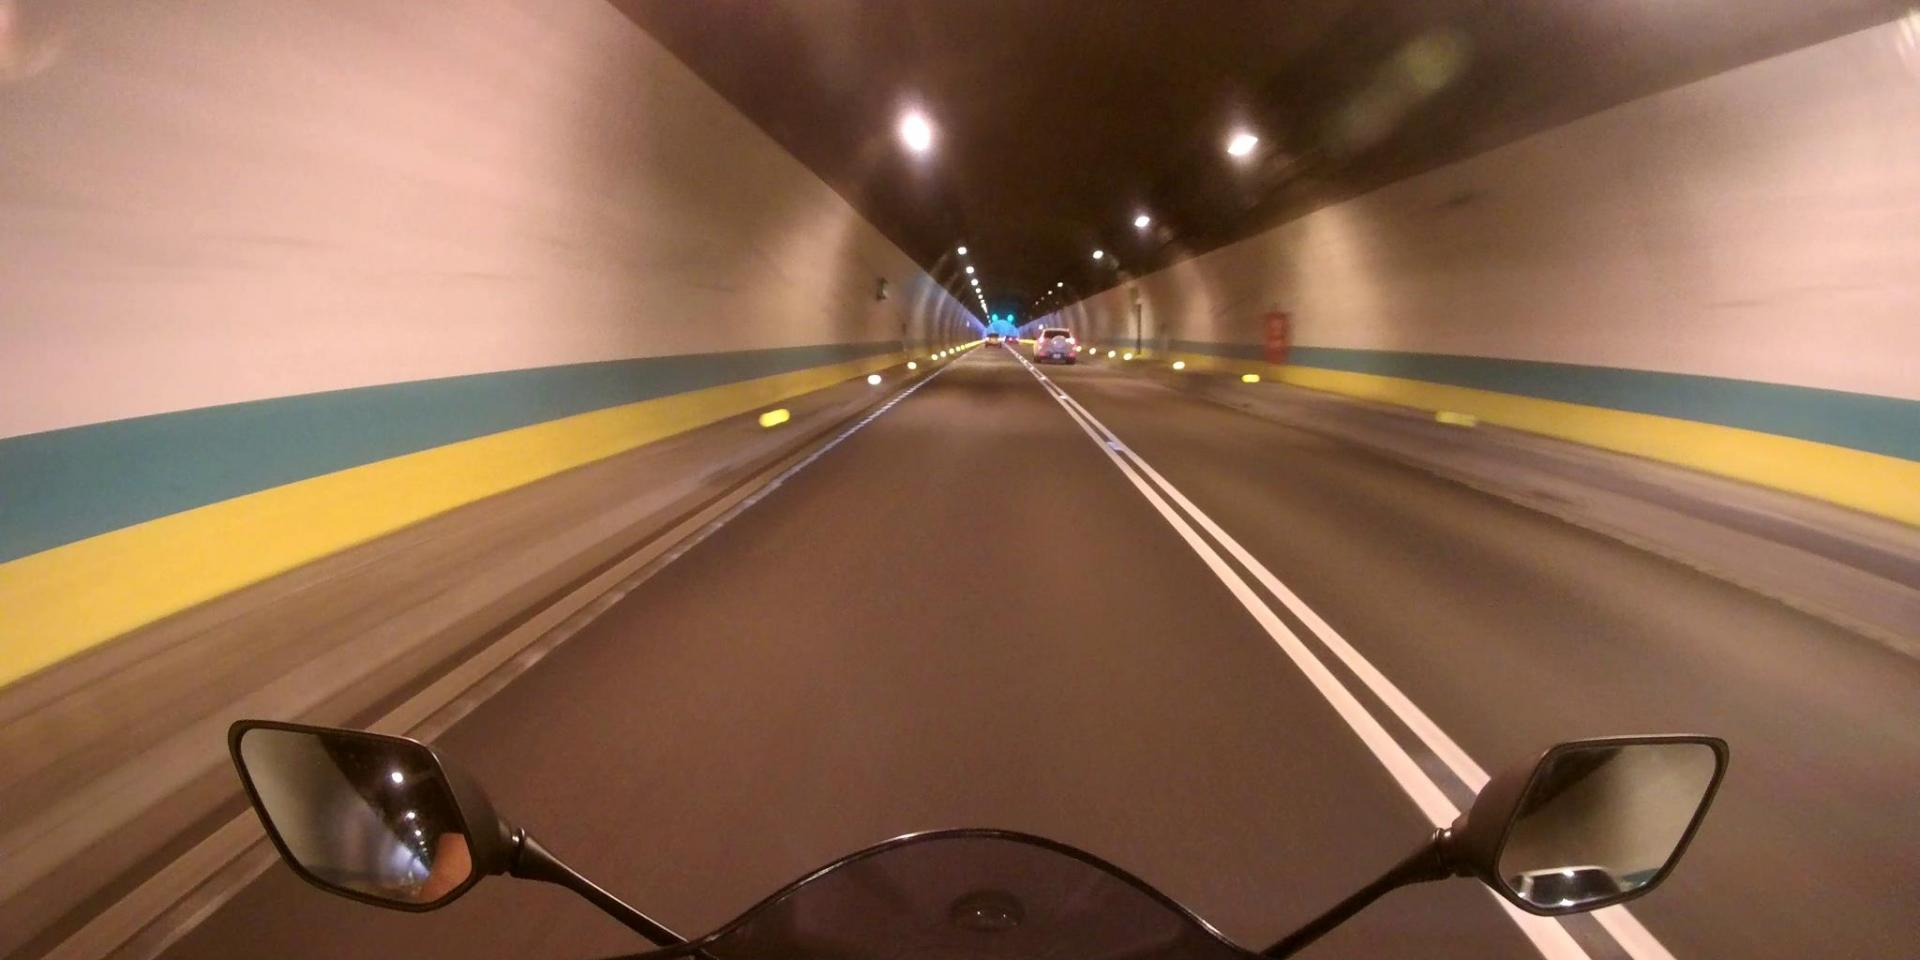 有路權,也要有觀念!如何安全地在國道與快速道路上騎乘摩托車?